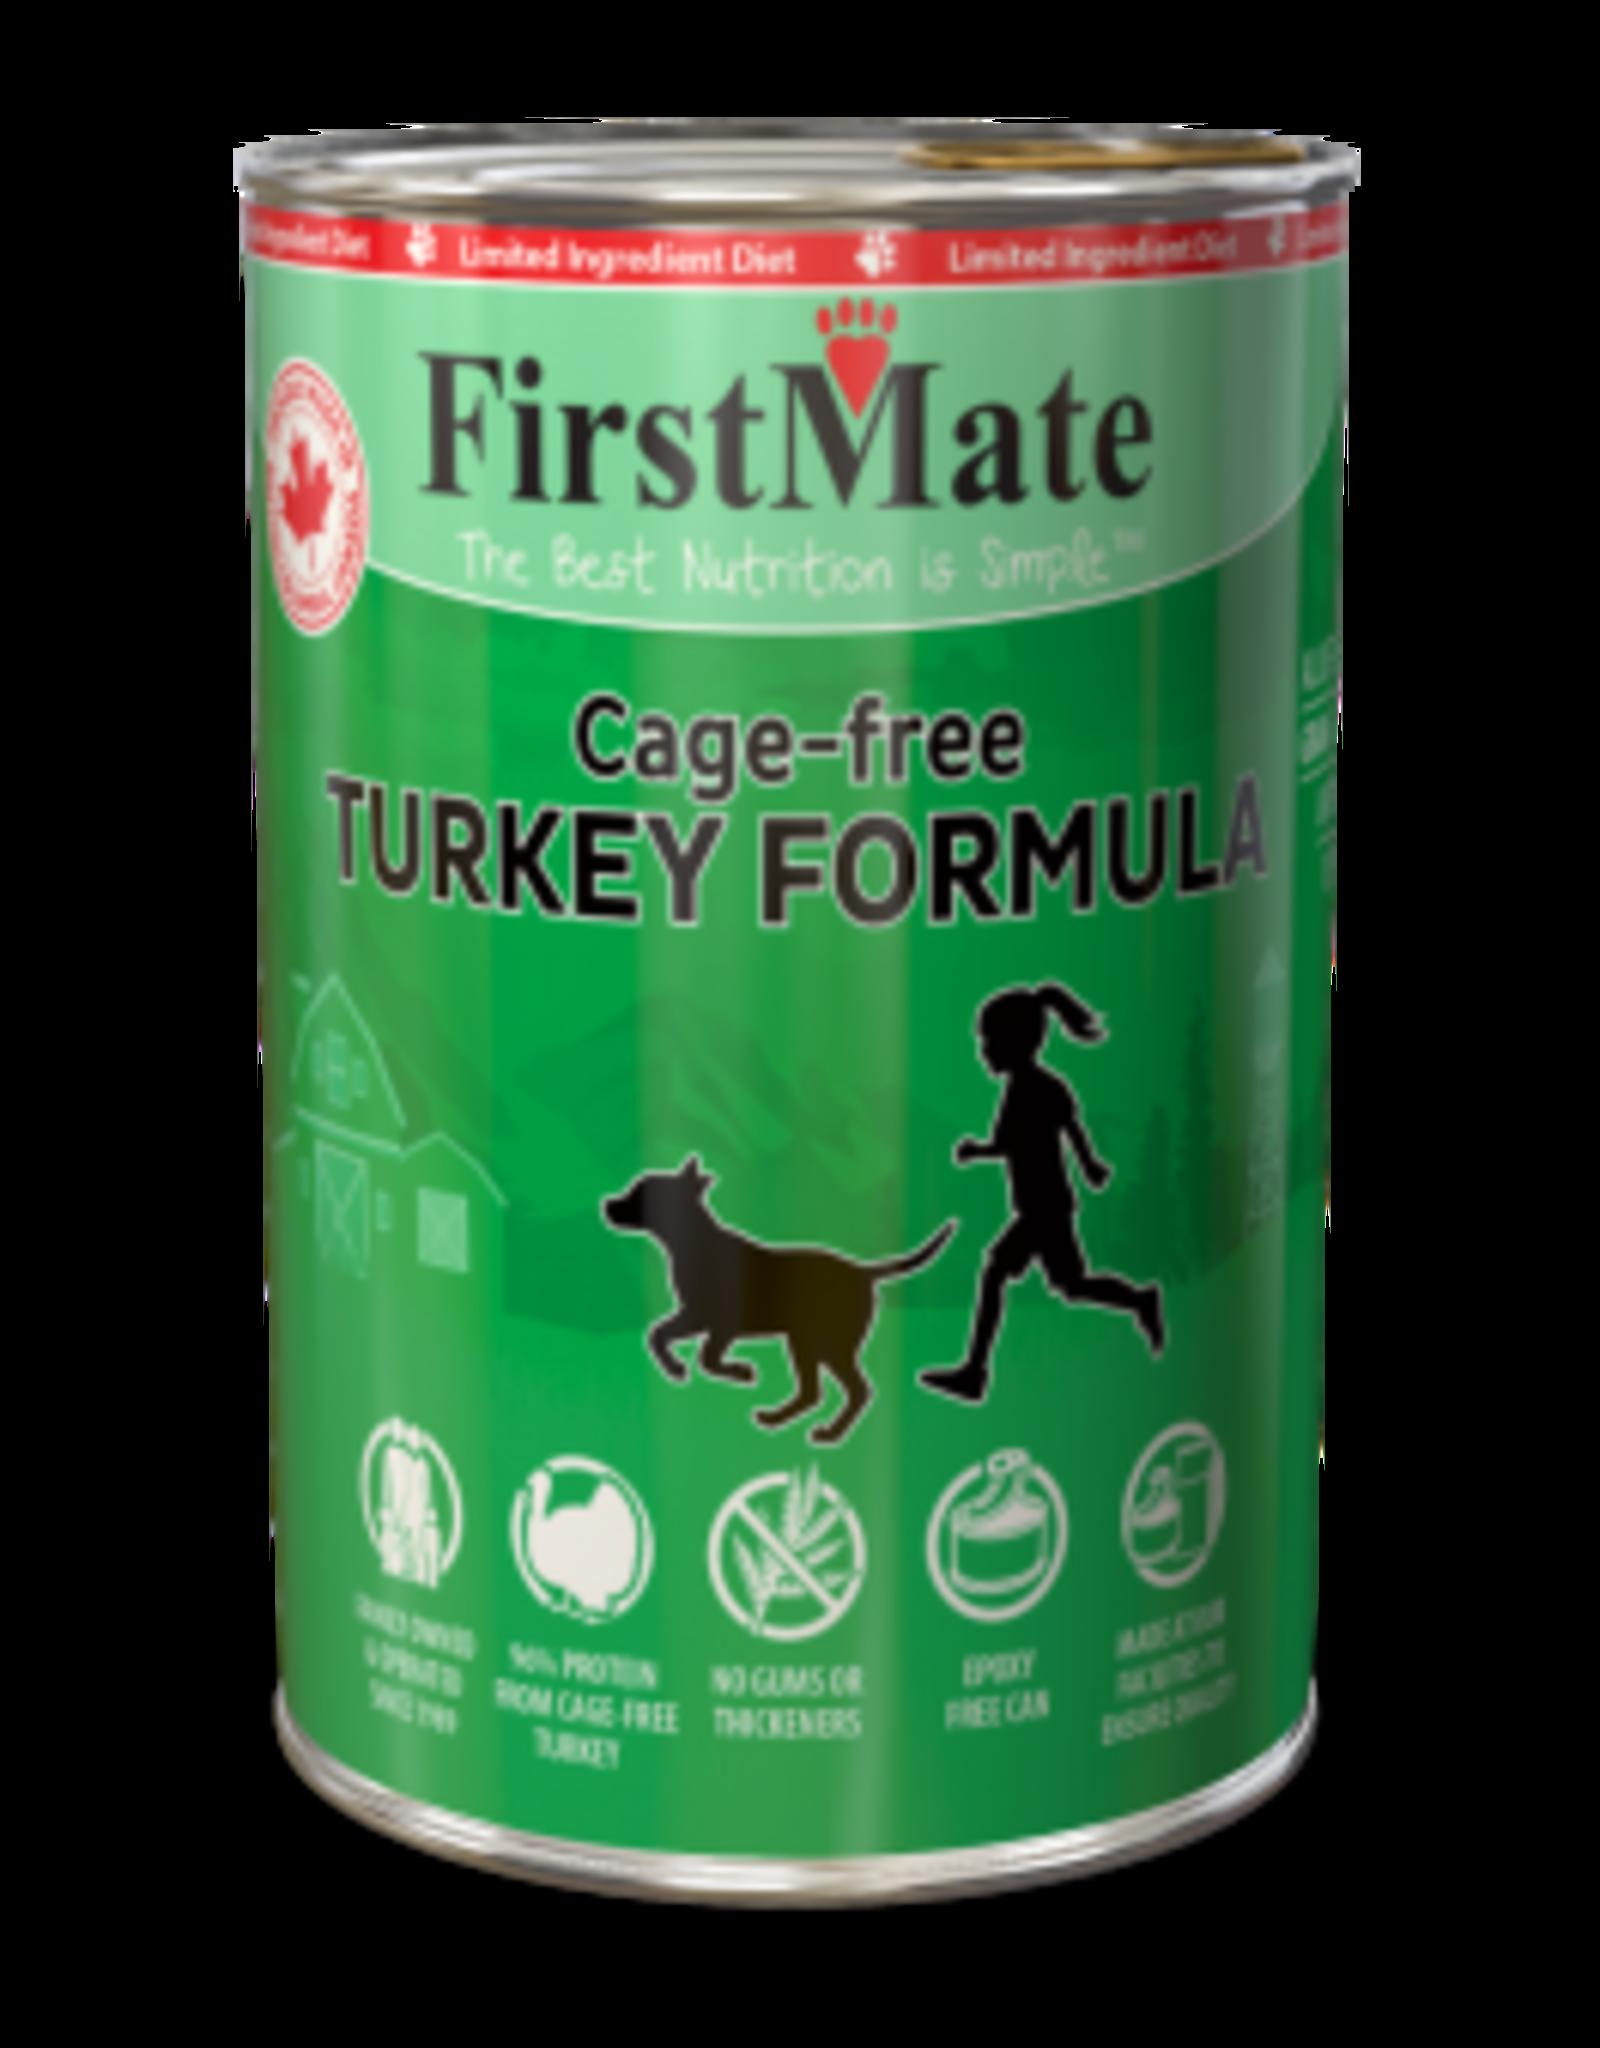 FirstMate Pet Food Dog L.I.D. Turkey Pate - Grain-Free 12oz